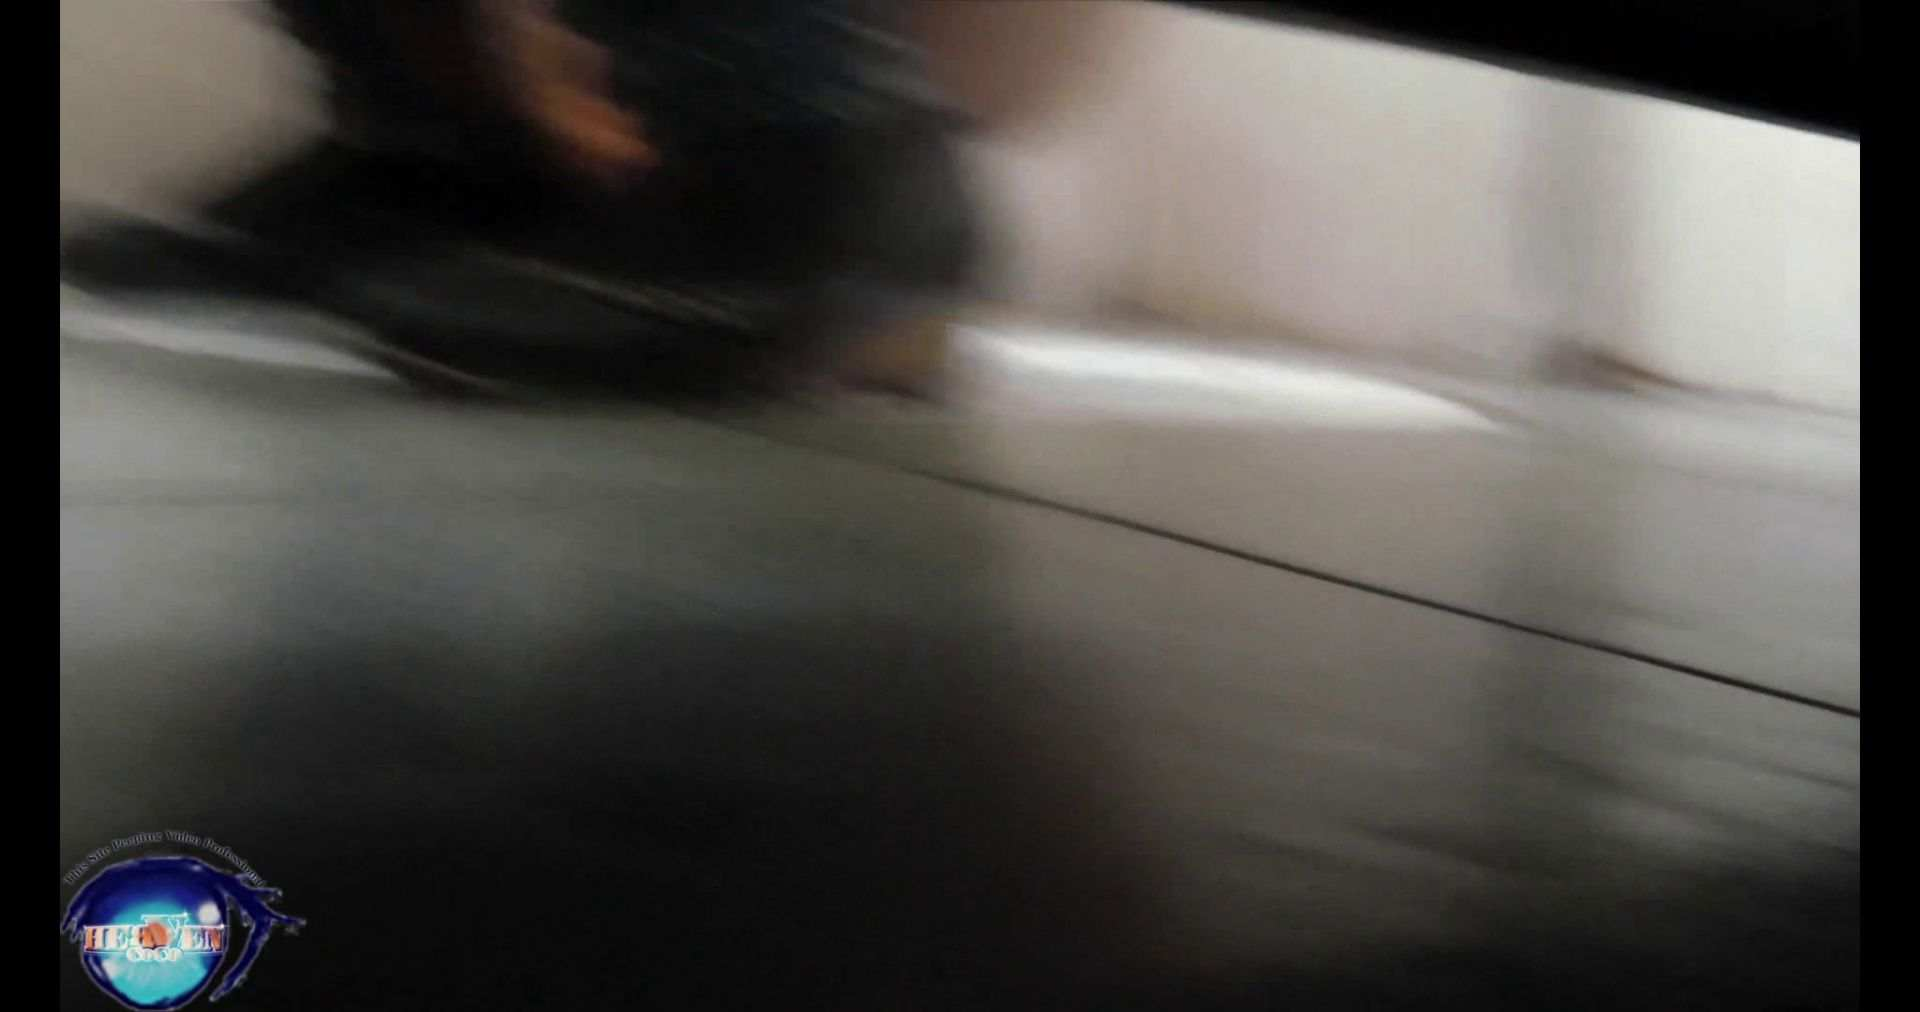 世界の射窓から~ステーション編~vol.34 無料動画のモデルつい本番登場Ⅱやっぱり違います 本番 | OL女体  104連発 75